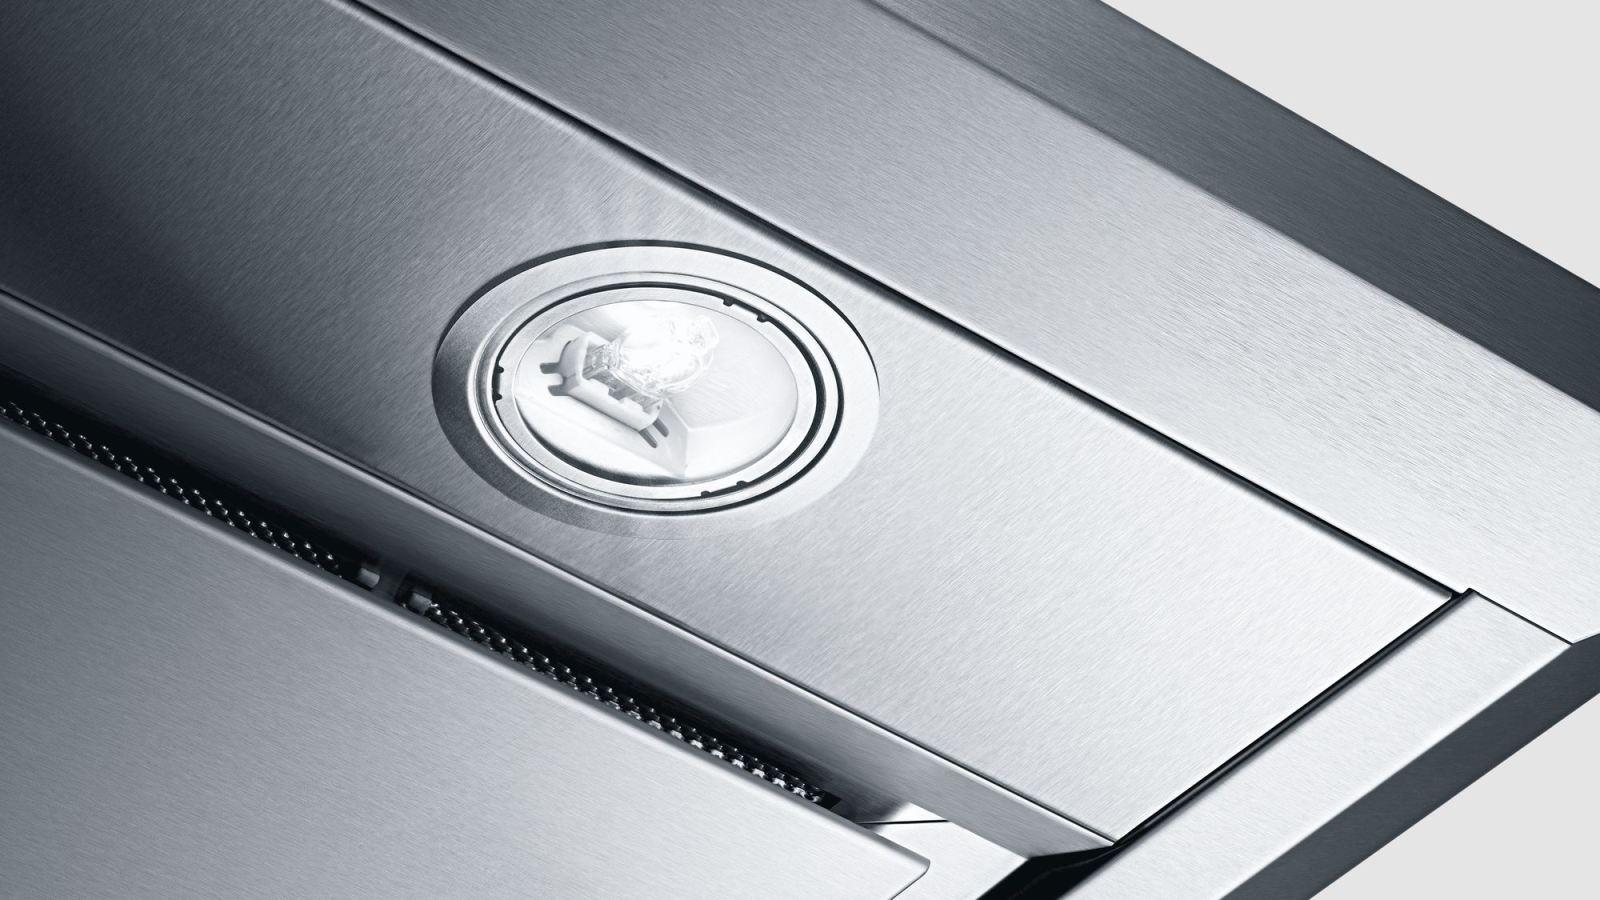 Hệ thống đèn Halogen chiếu sáng khi nấu ăn rất tiện lợi và dễ dàng.